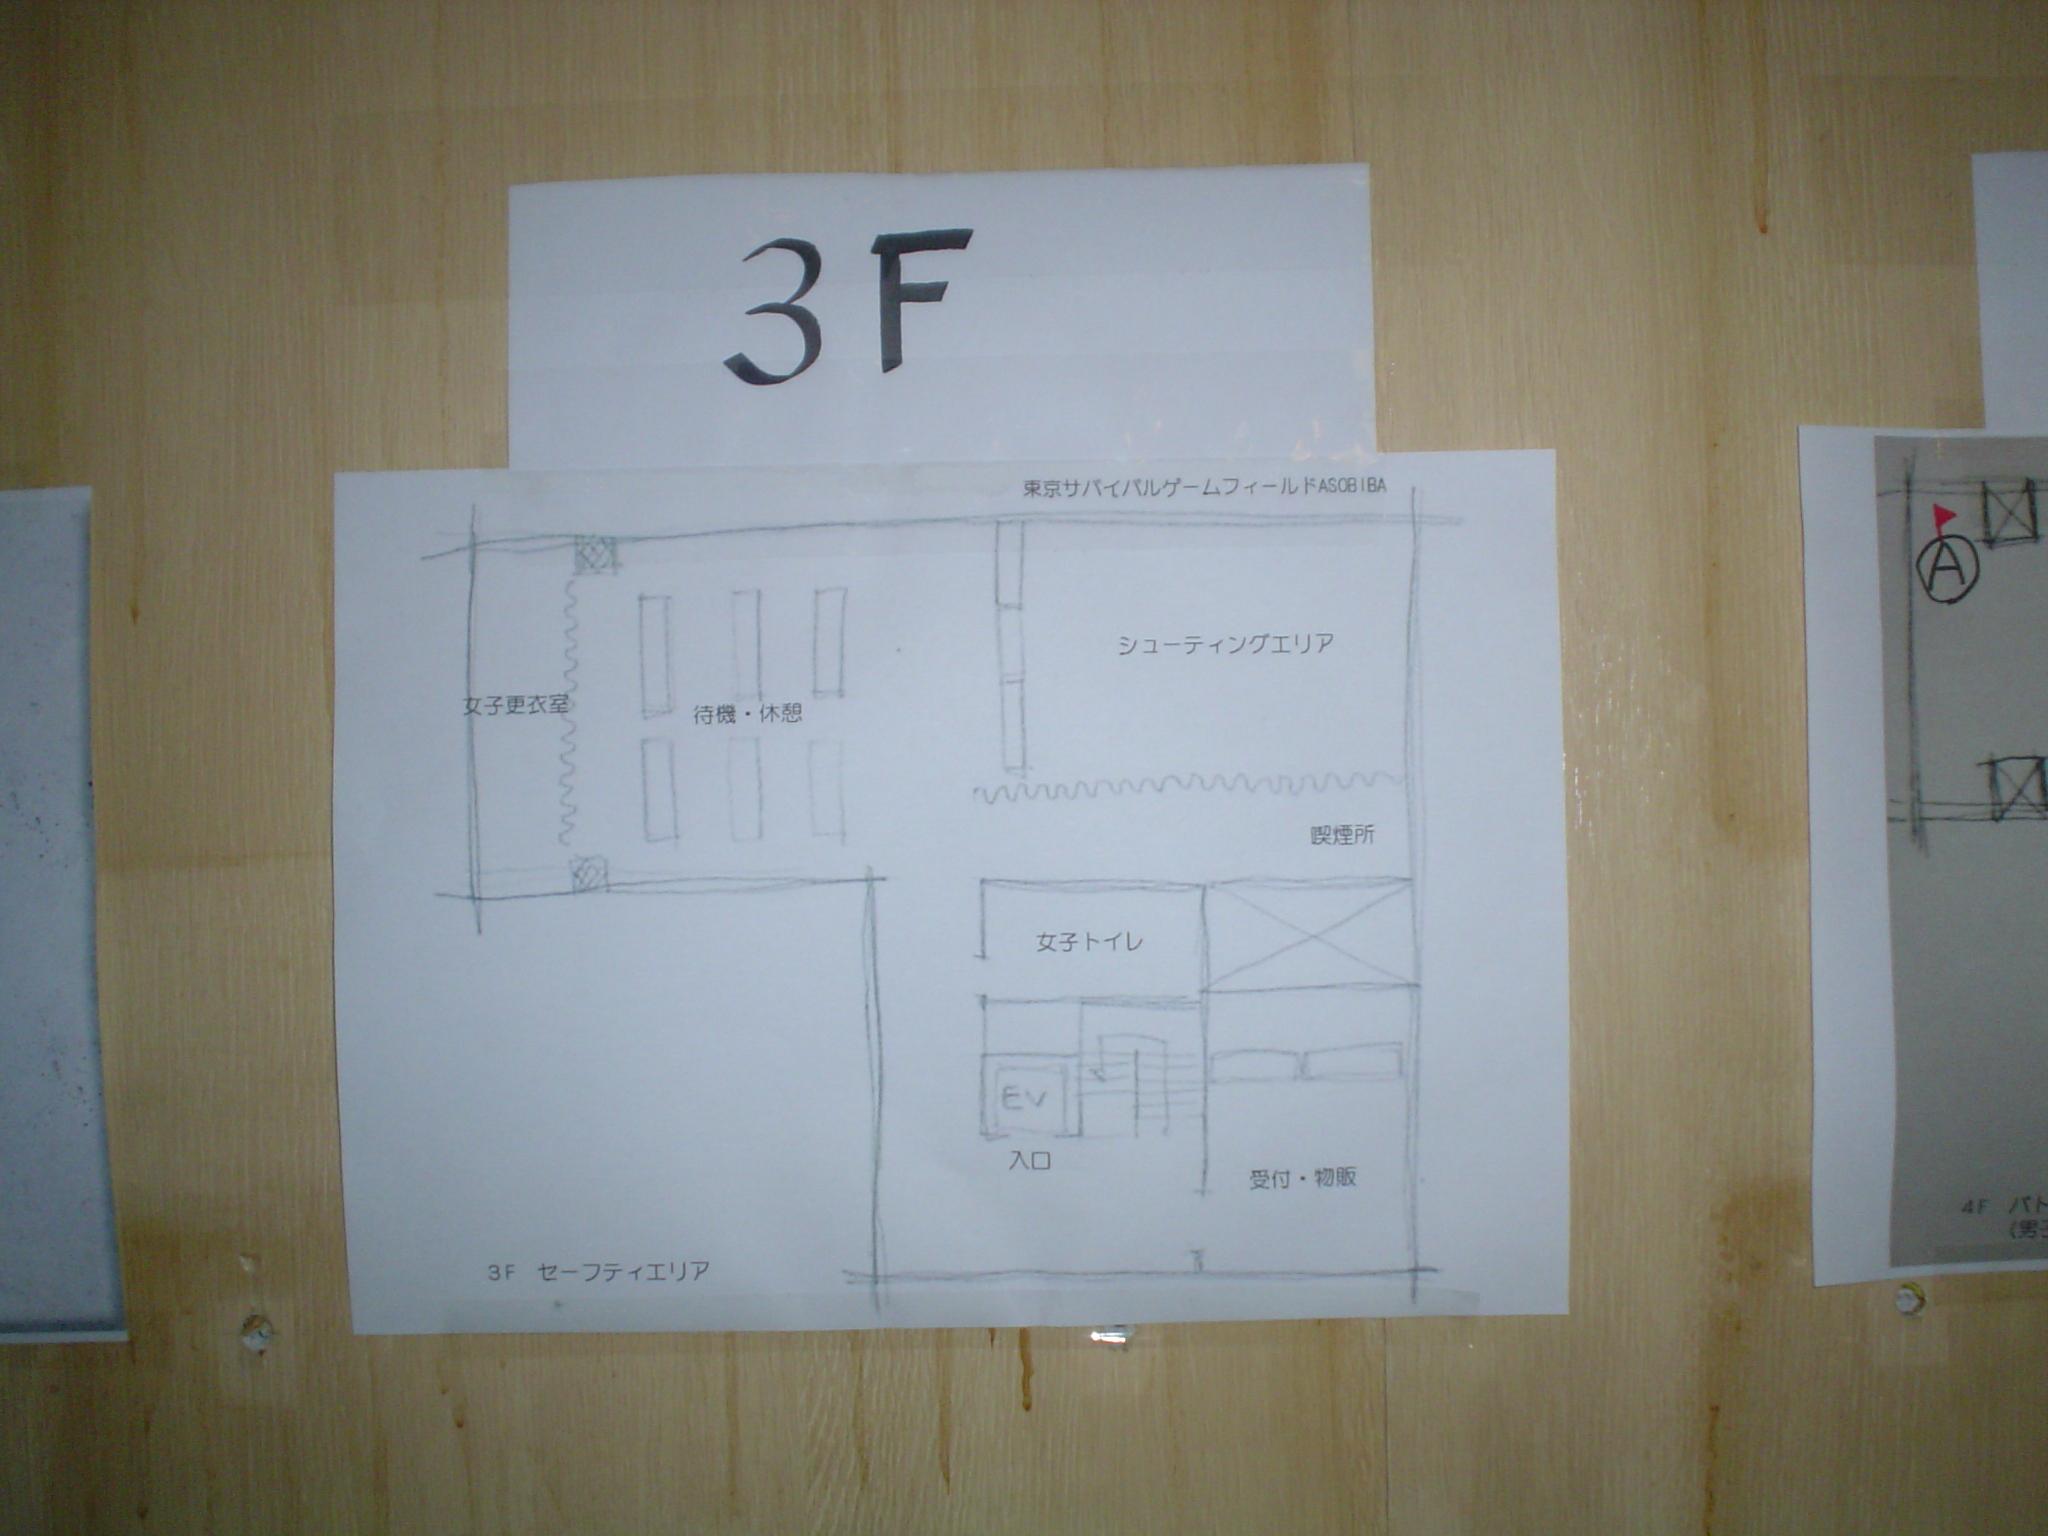 No7.フィールド見取り図1